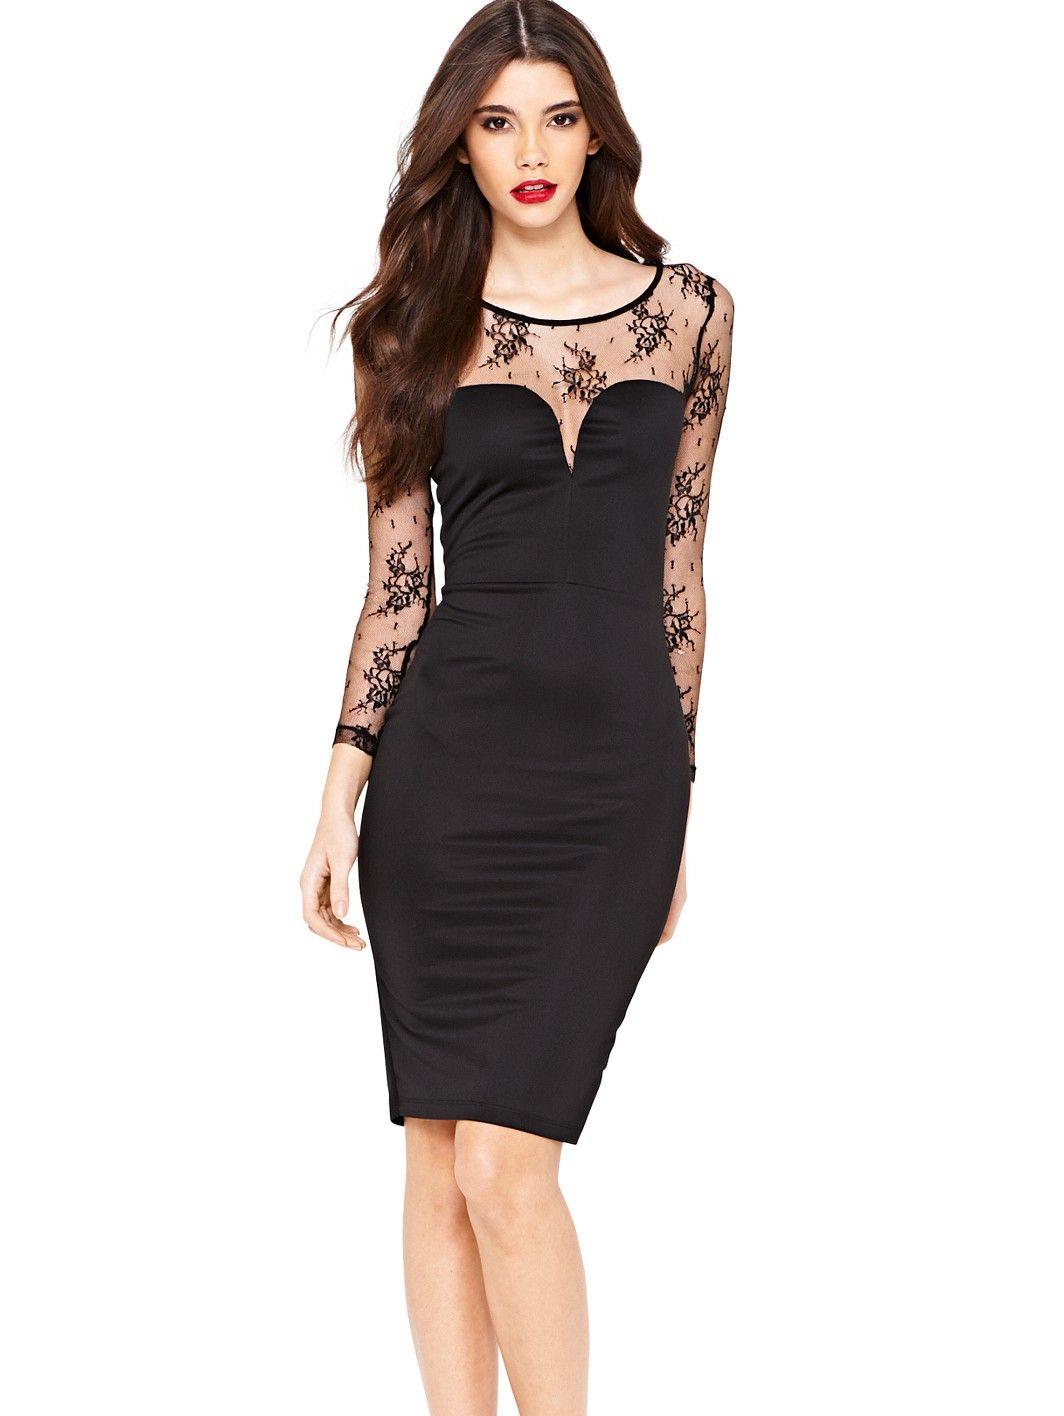 Lipsy kardashian kollection lace shift dress very fashion